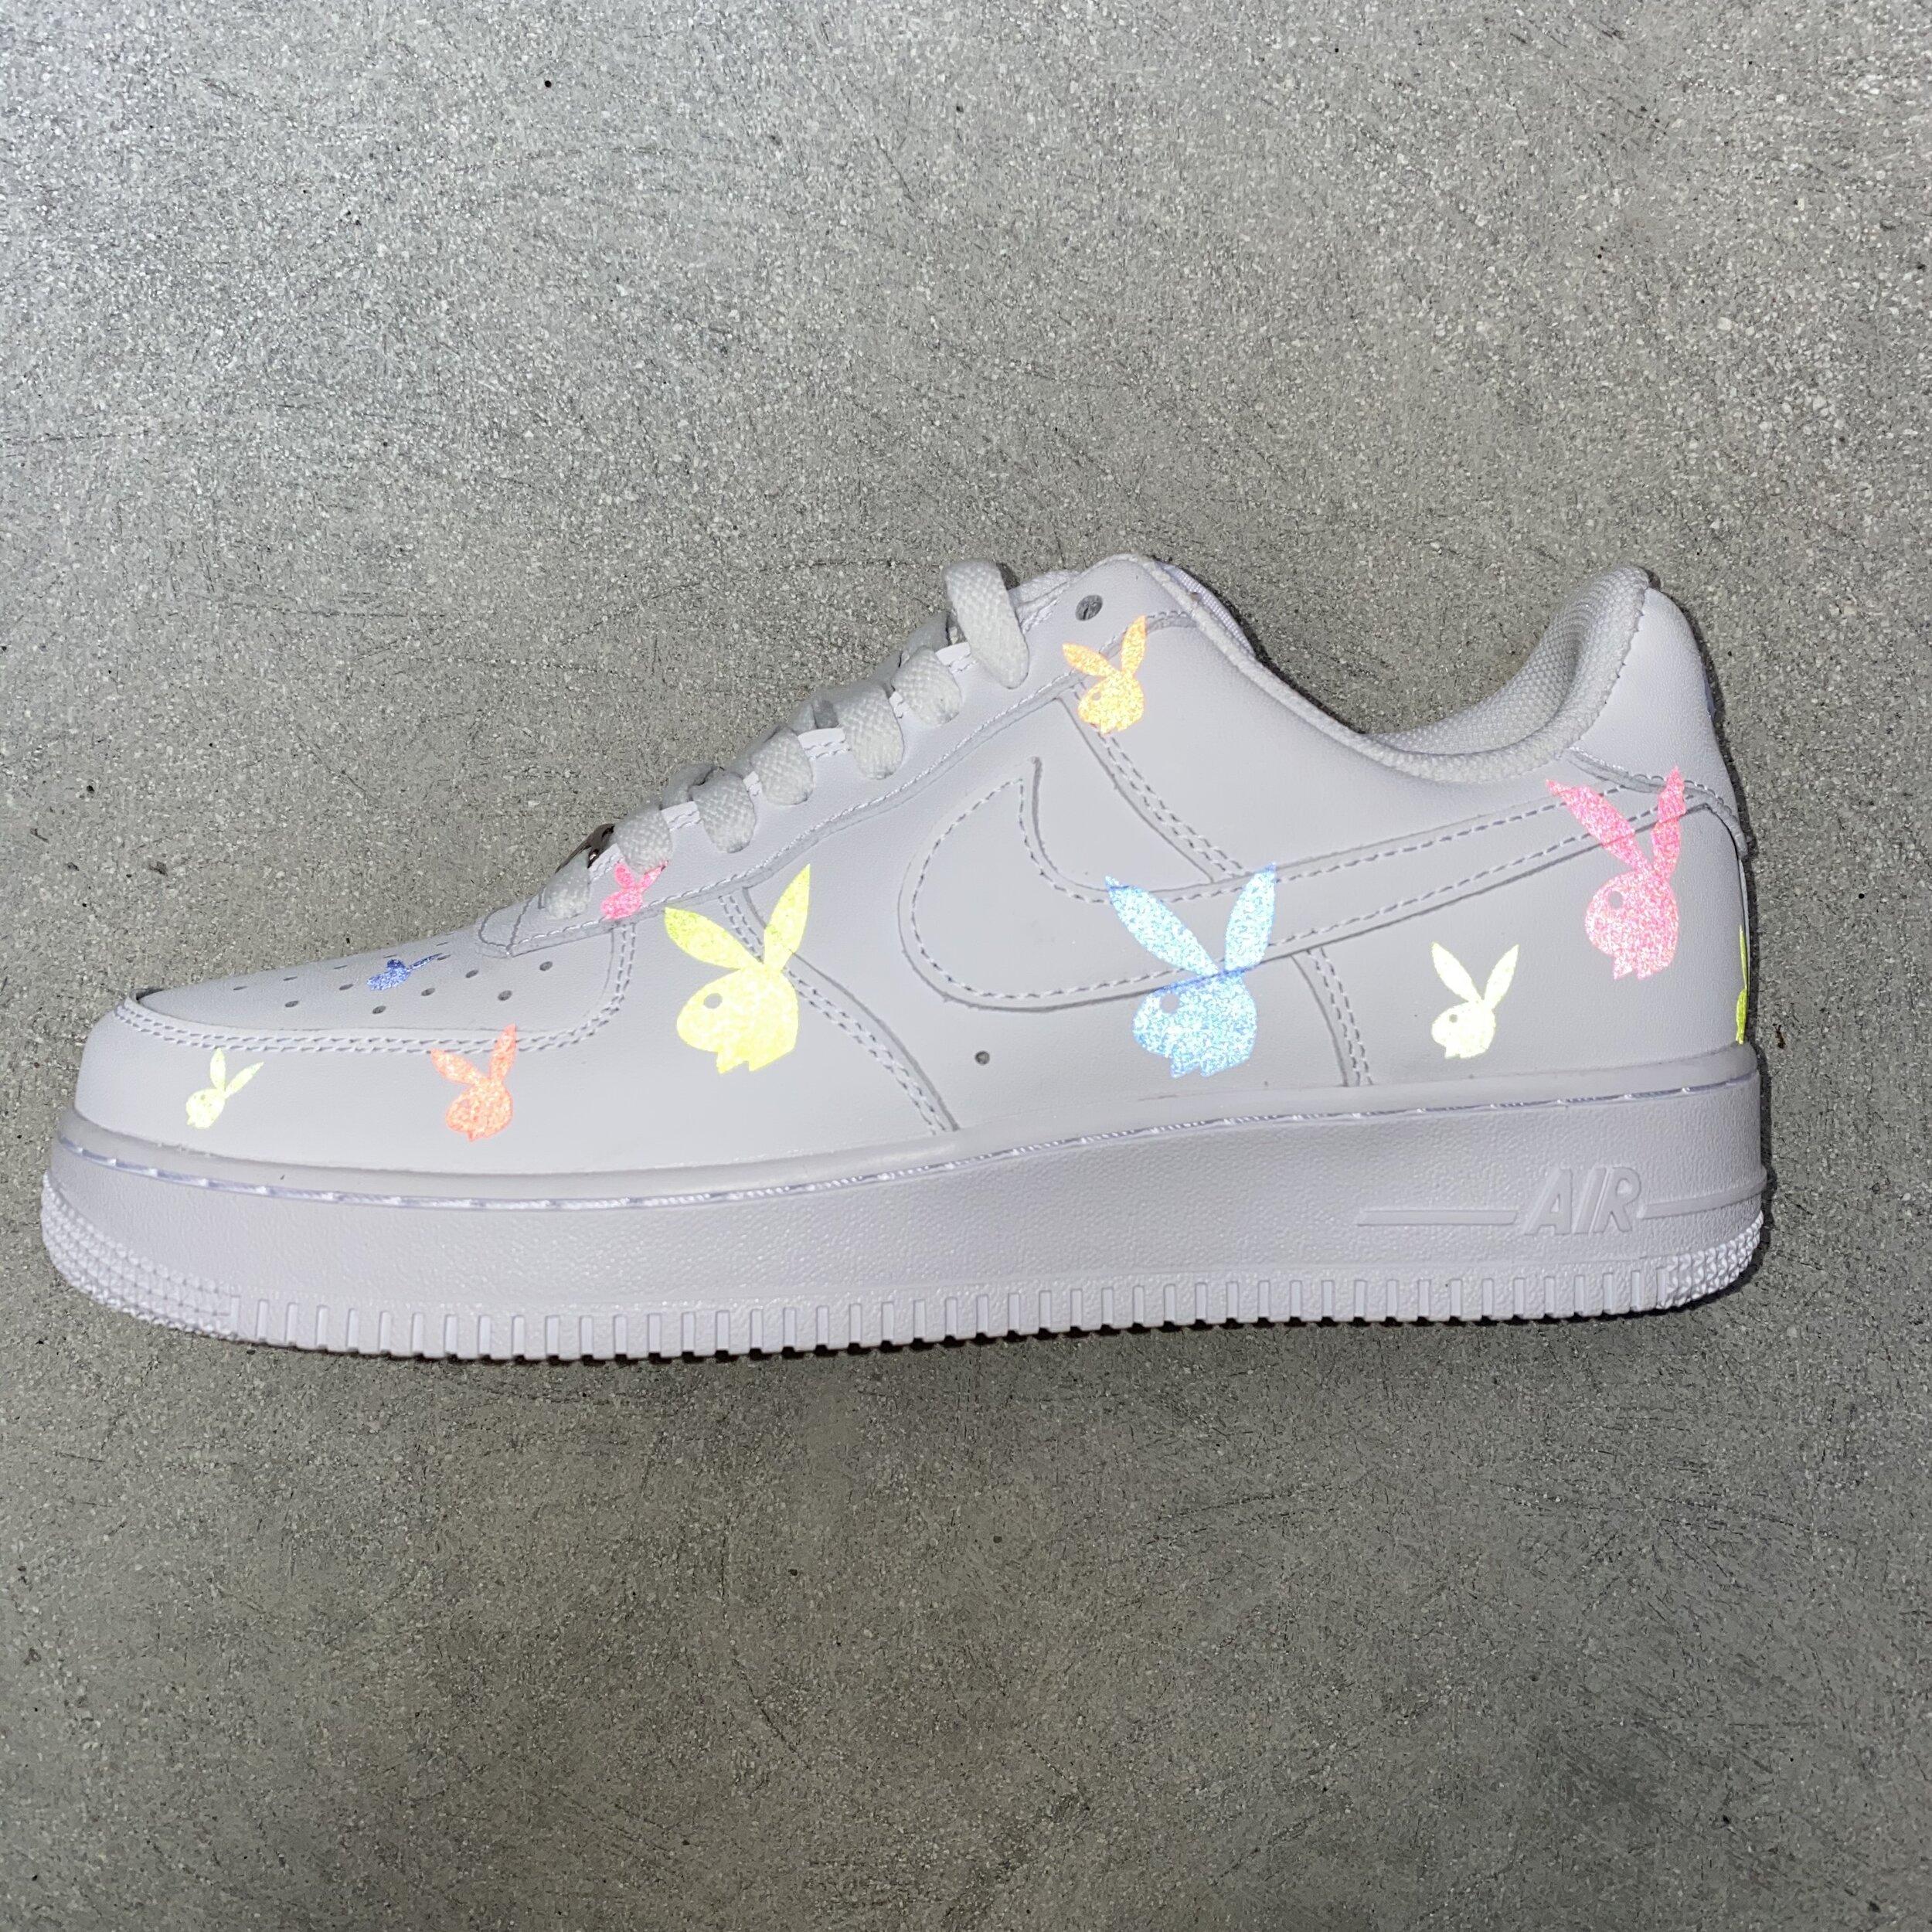 3M Rainbow Bunny Air Force 1